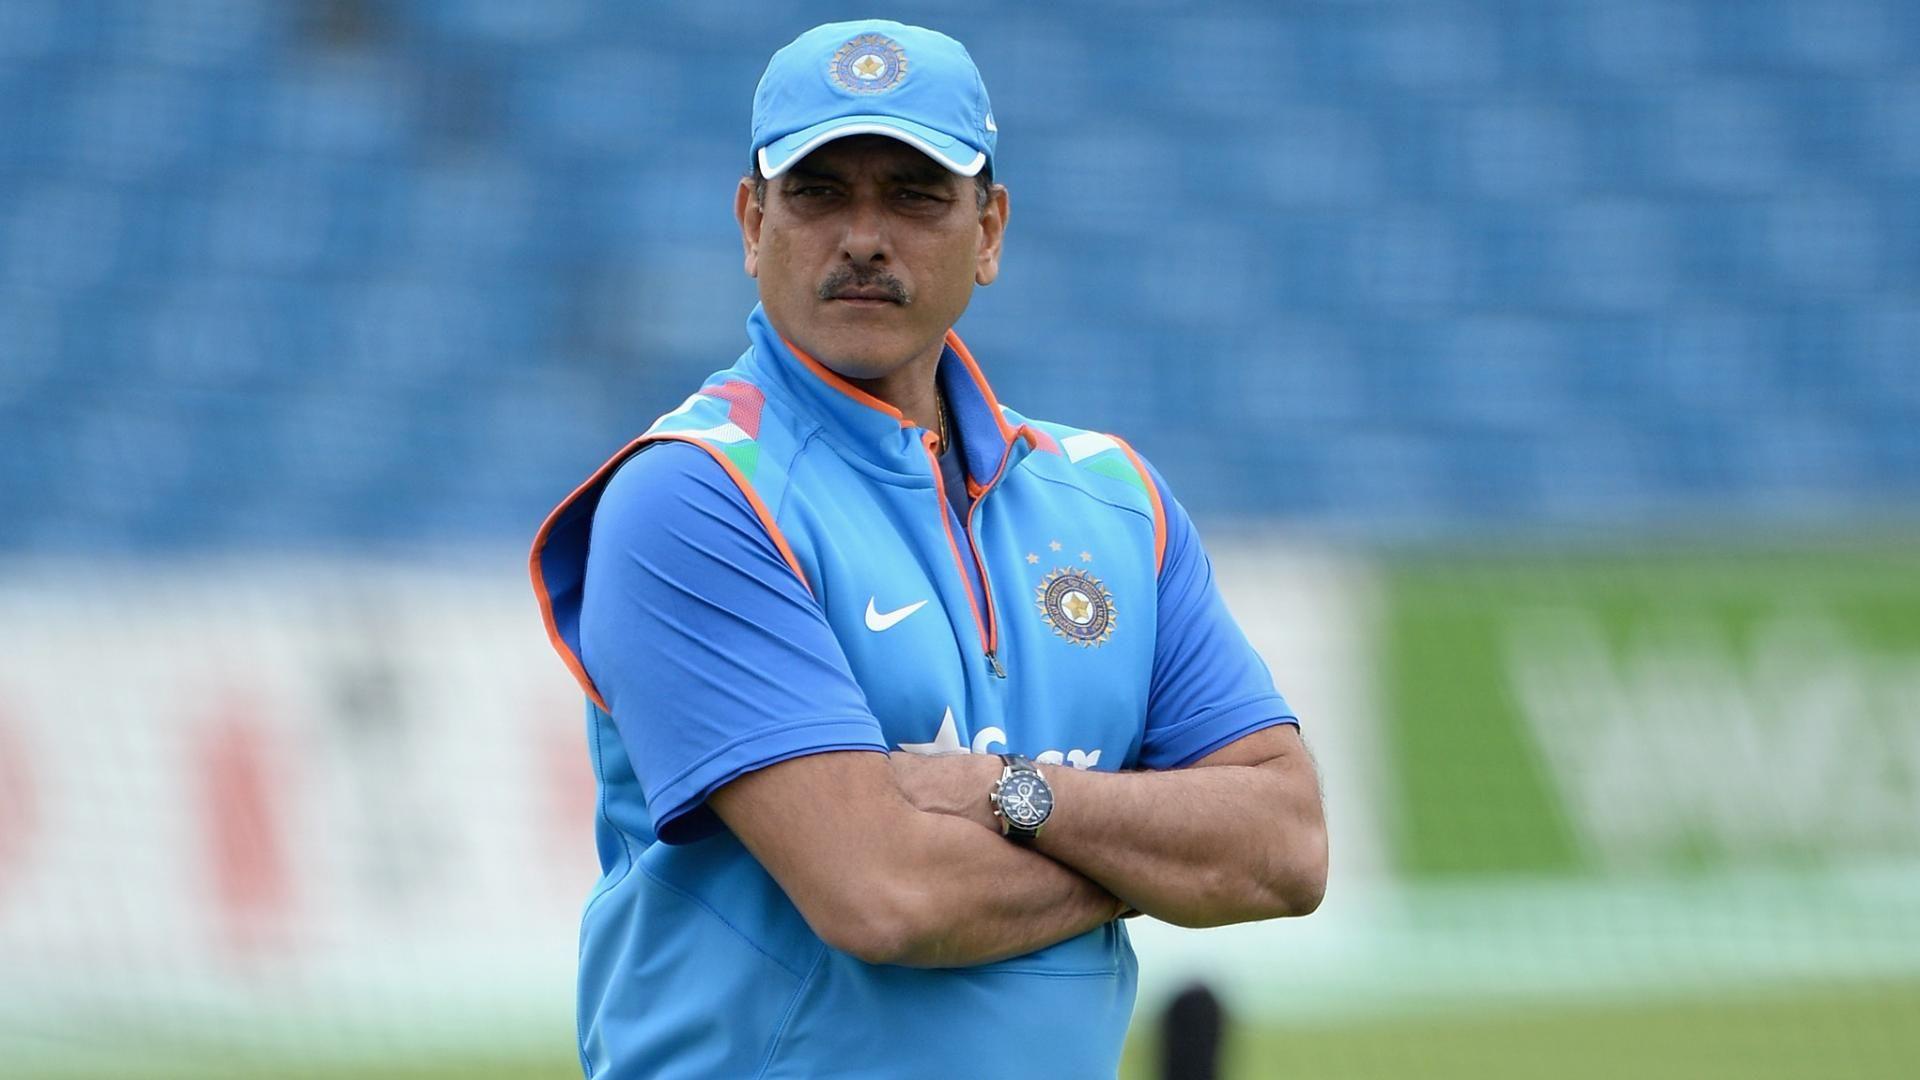 ये है वो क्या कारण है जिस वजह से रवि शास्त्री चाहते है सचिन हो द्रविड़ की जगह भारत के बल्लेबाजी कोच 8